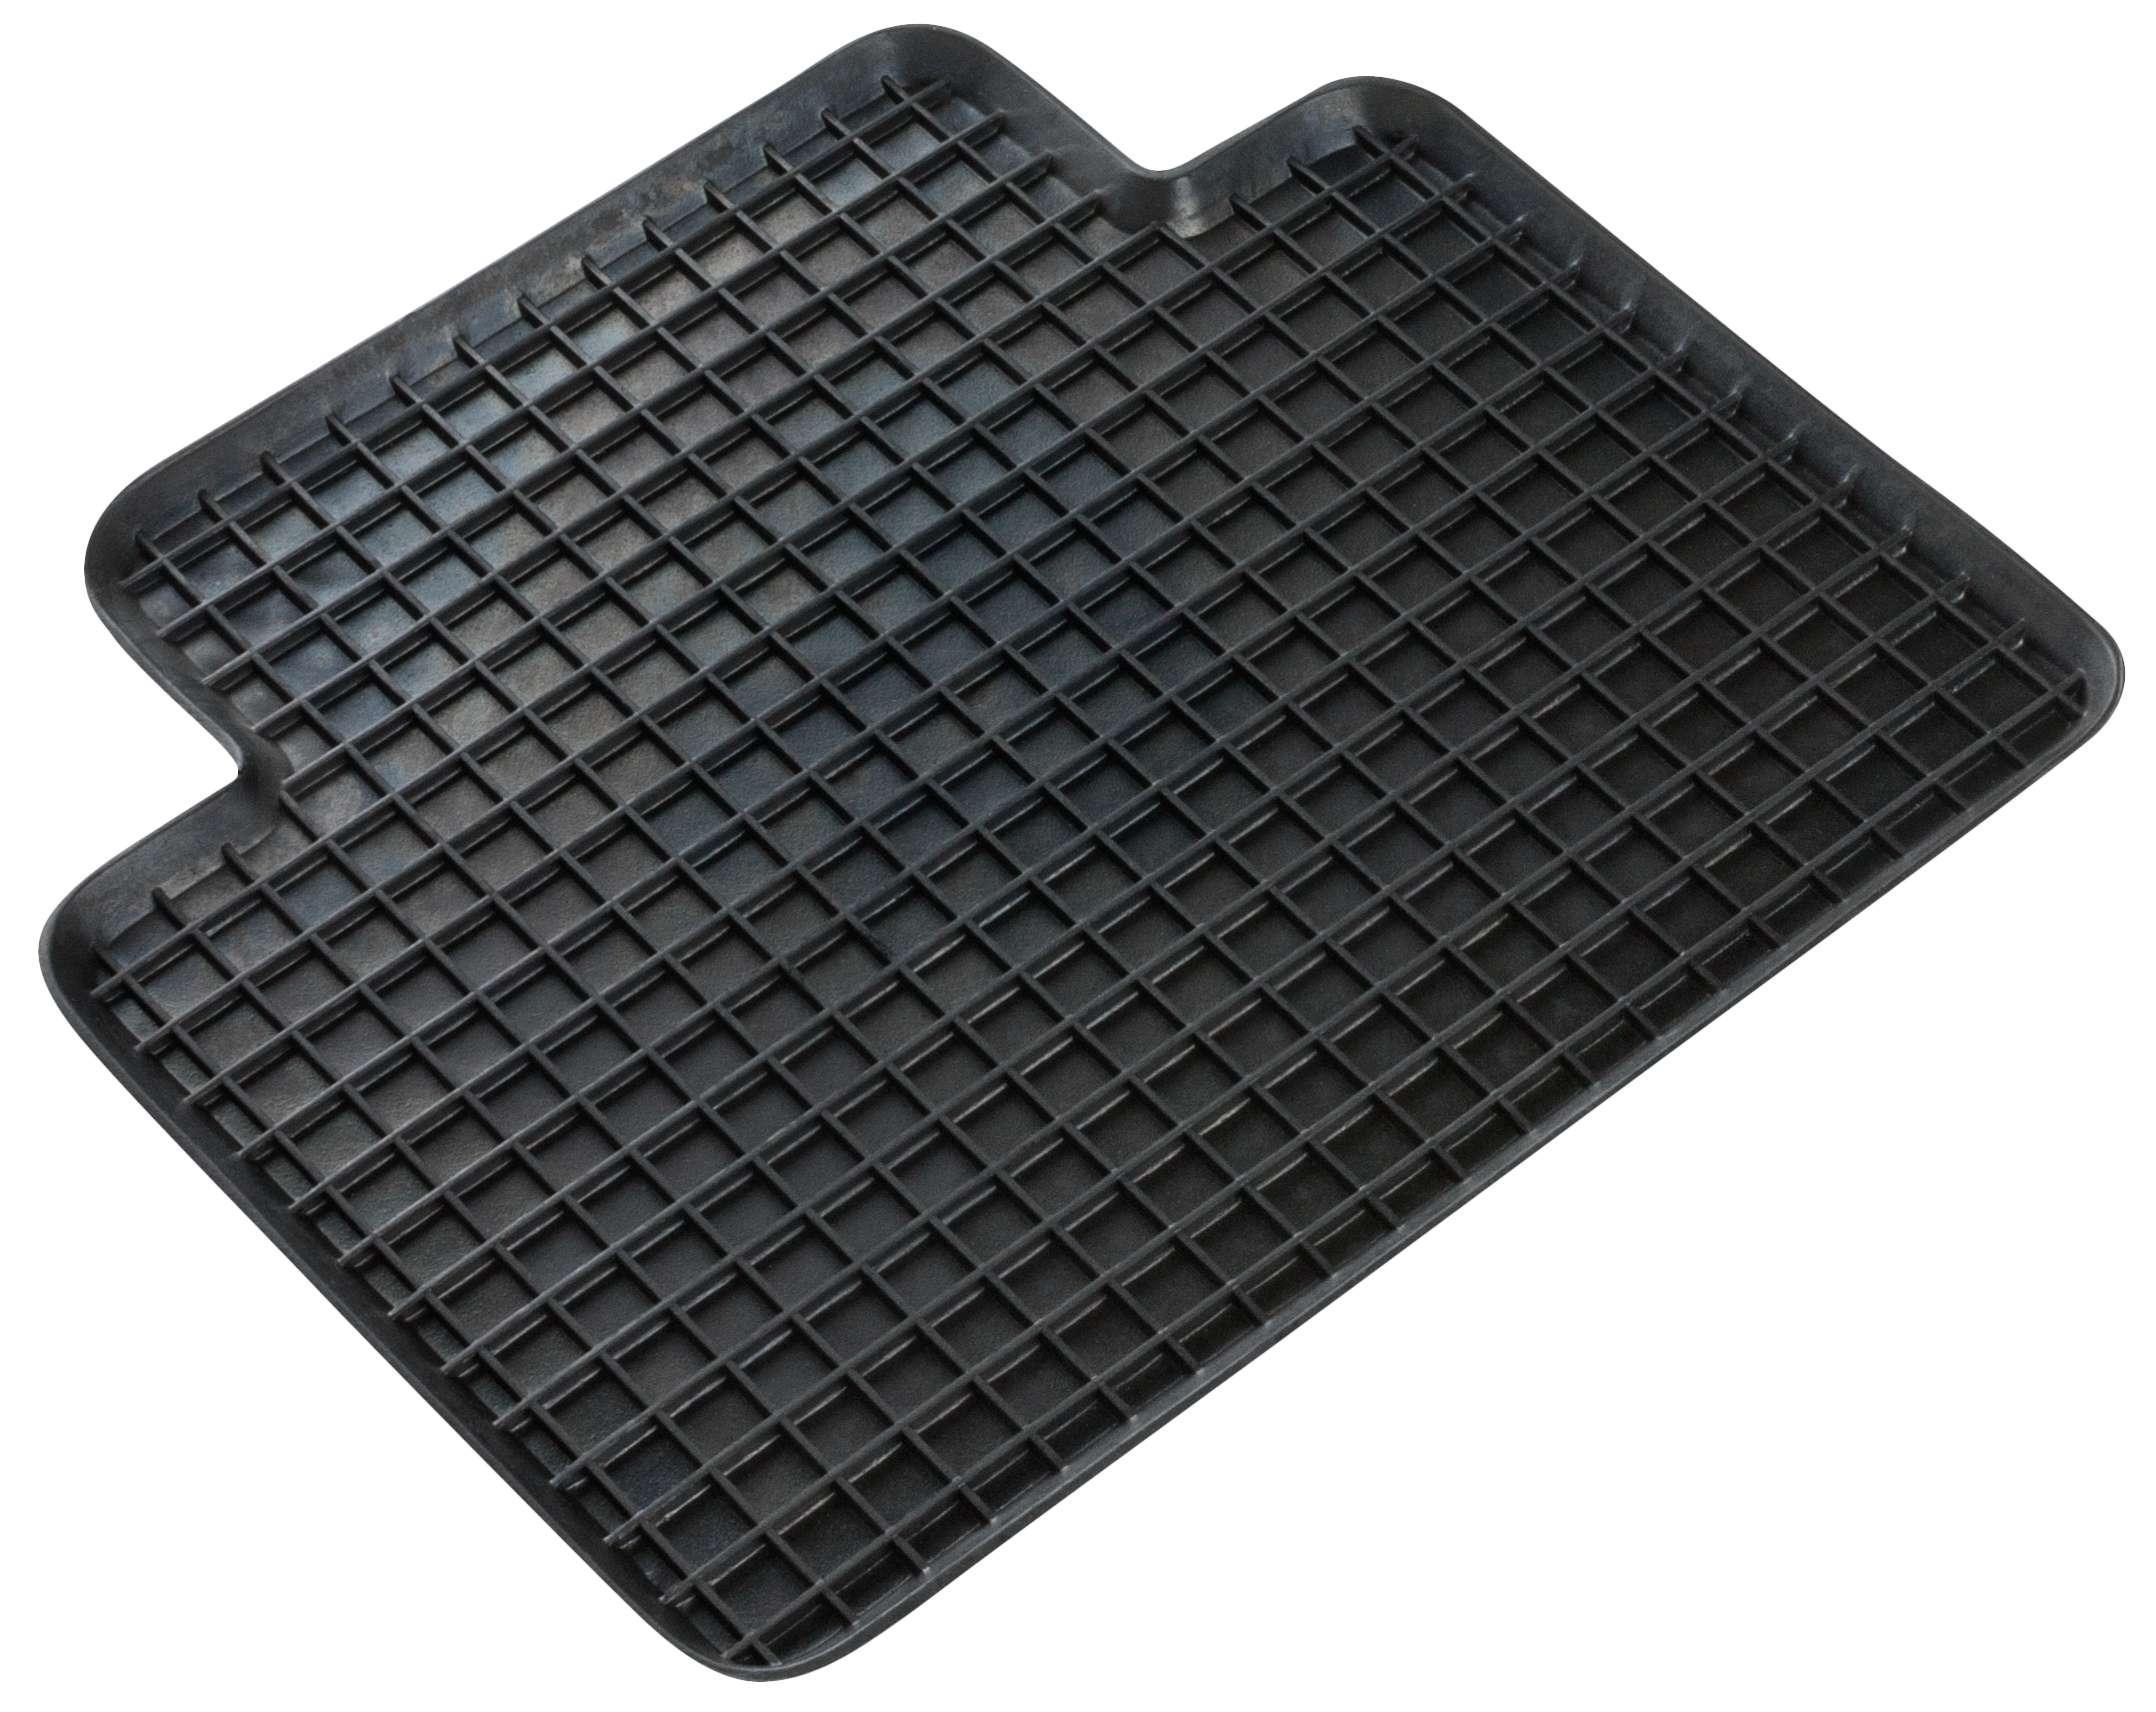 14942 WALSER Universeel geschikt, Honeycomb Rubber, Achter, Aantal: 1, Zwart Grootte: 41 x 37 Vloermatset 14942